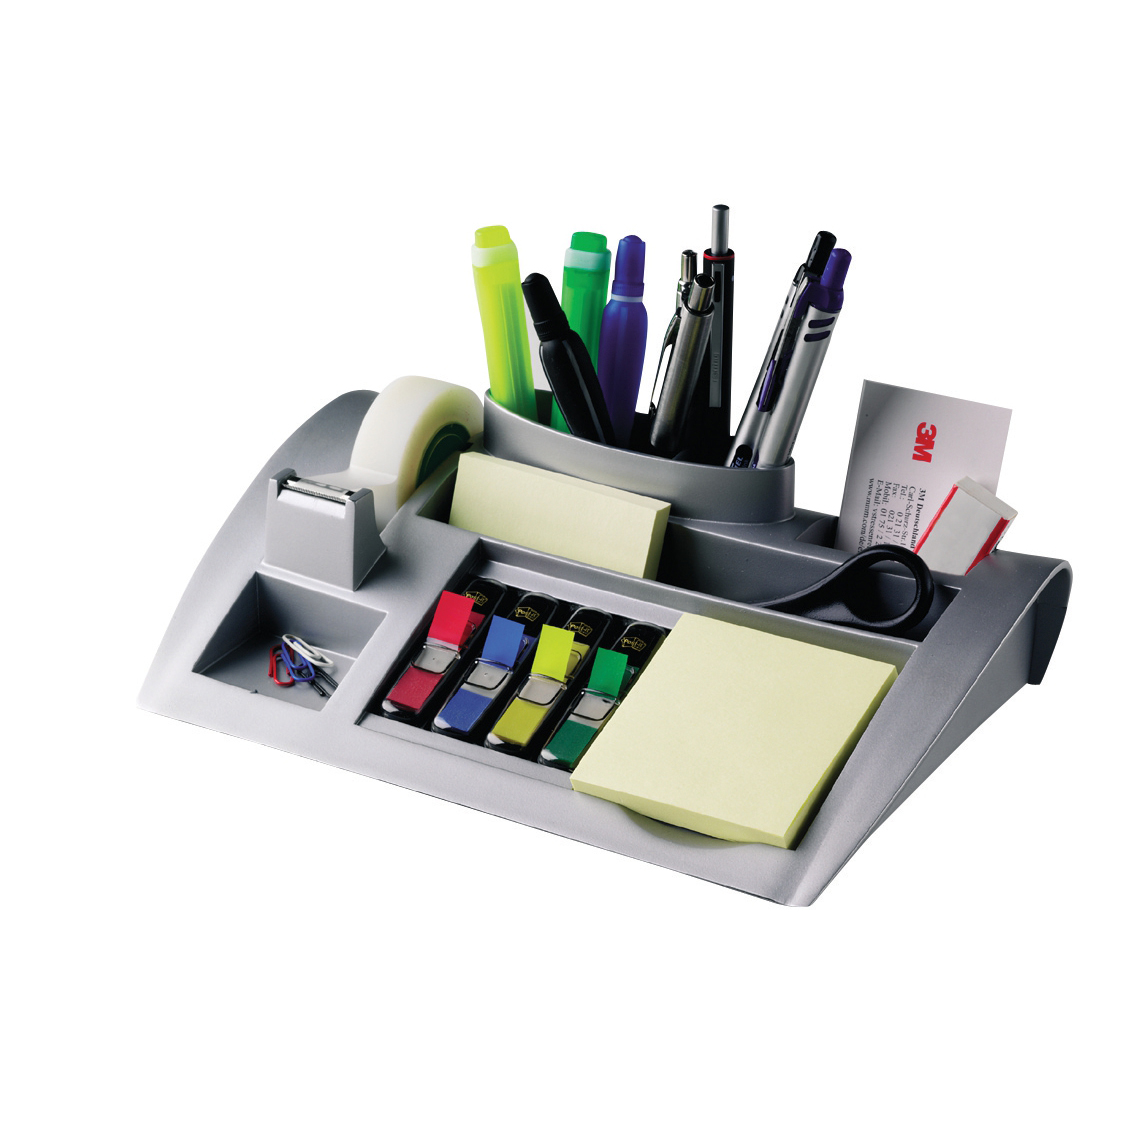 Desktop Organiser Pen Pot Weighted Base Silver